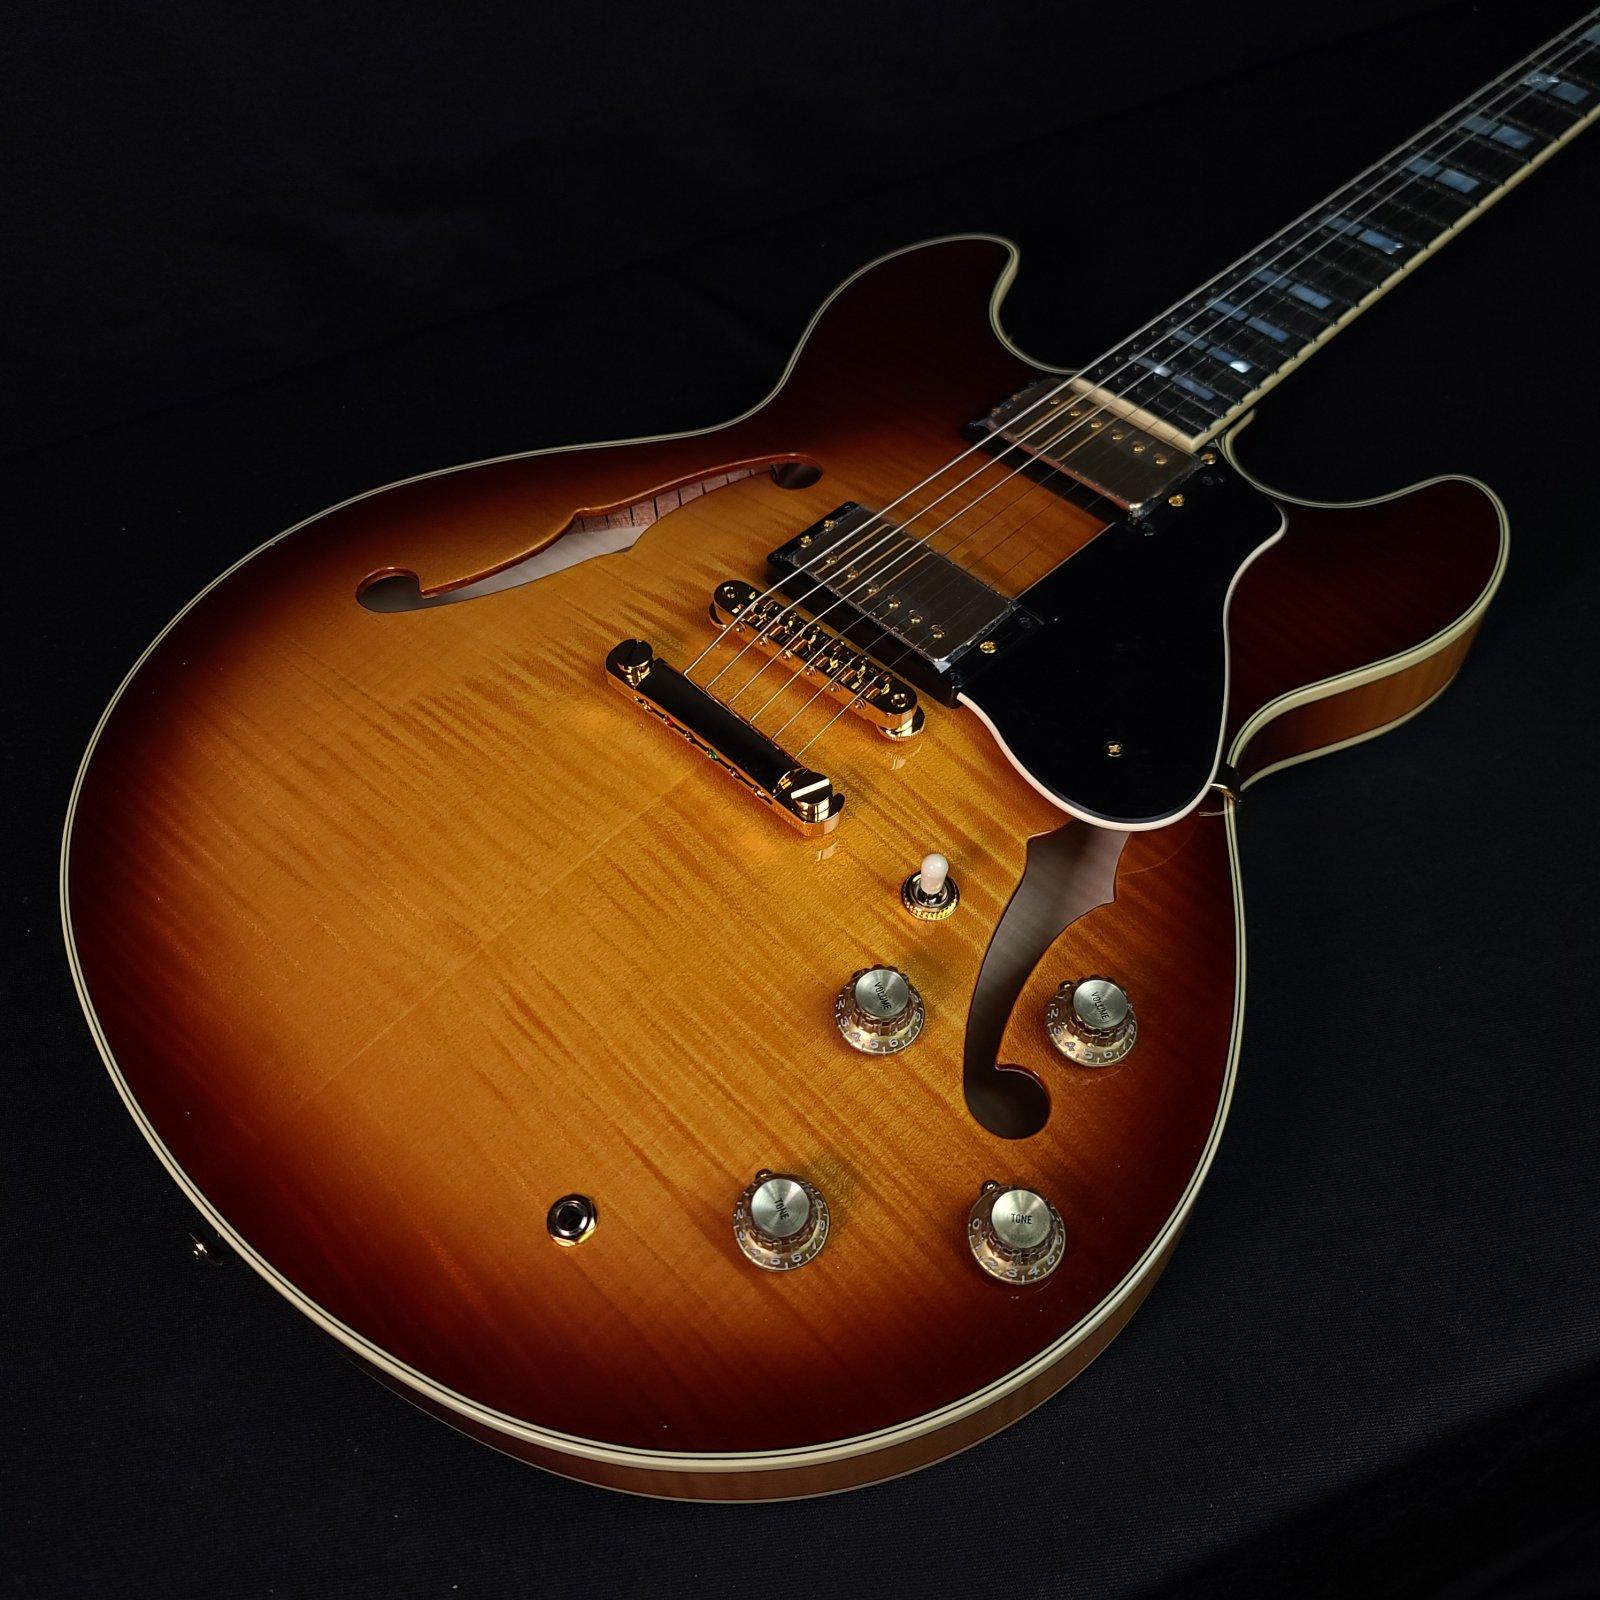 Yamaha SA2200 Violin Sunburst Thinline Guitar w/Hard Case